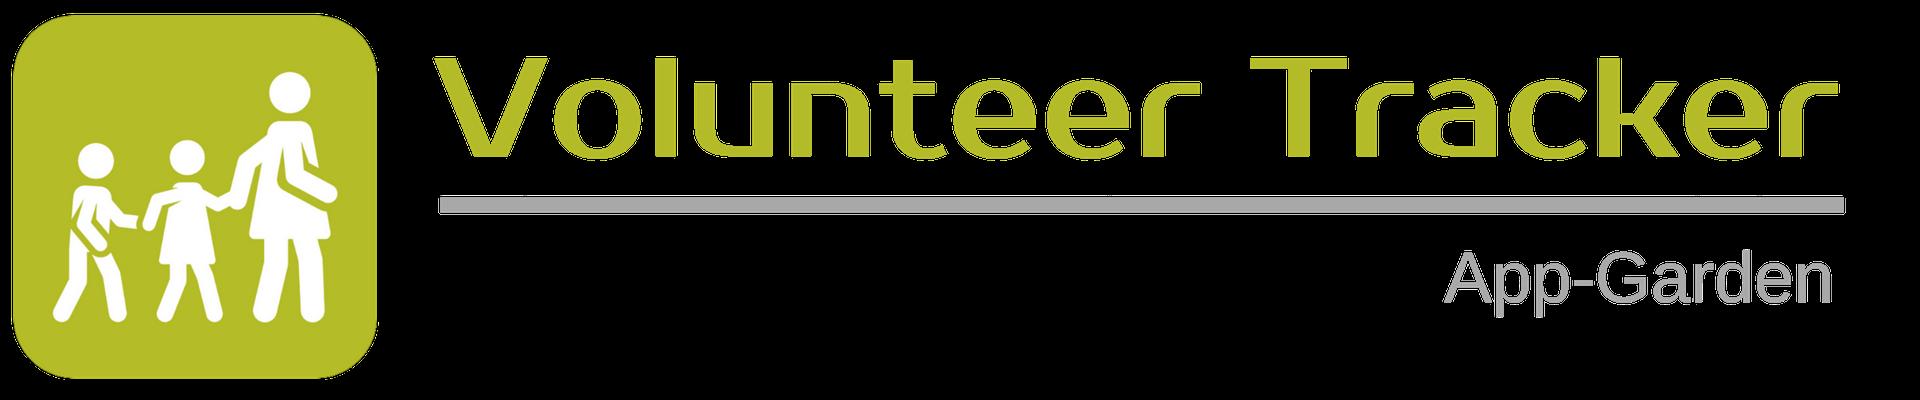 Volunteer-Tracker-Logo-1